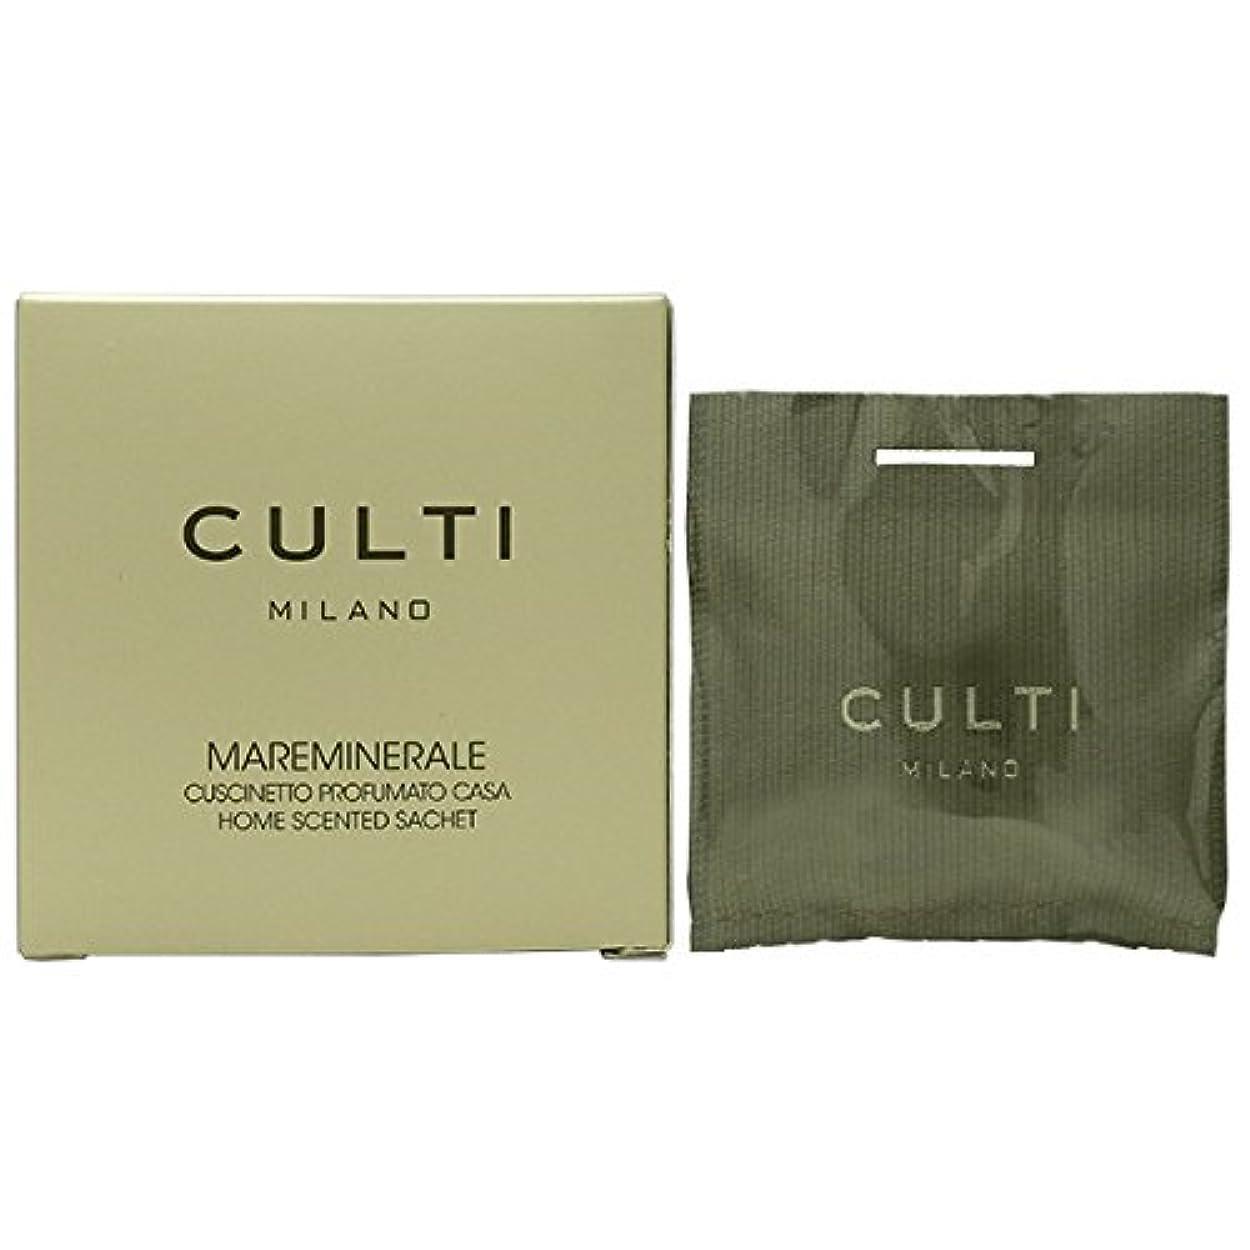 散逸テスピアンく【CULTI】クルティ ホームセンテッド サシェ MAREMINERALE 7×7cm [並行輸入品]